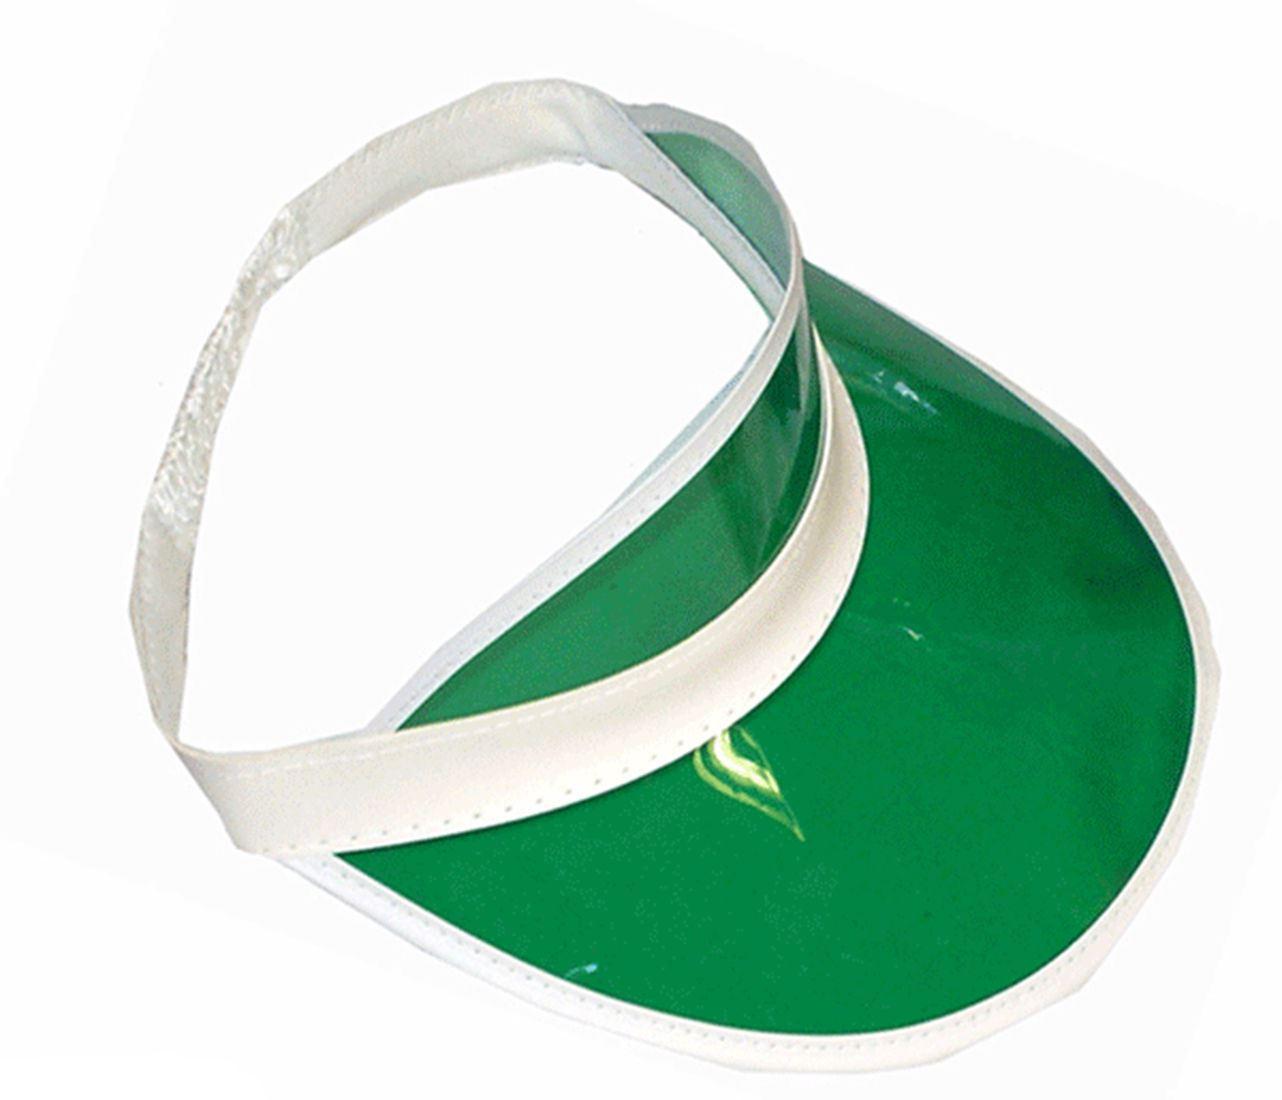 Poker hat visor